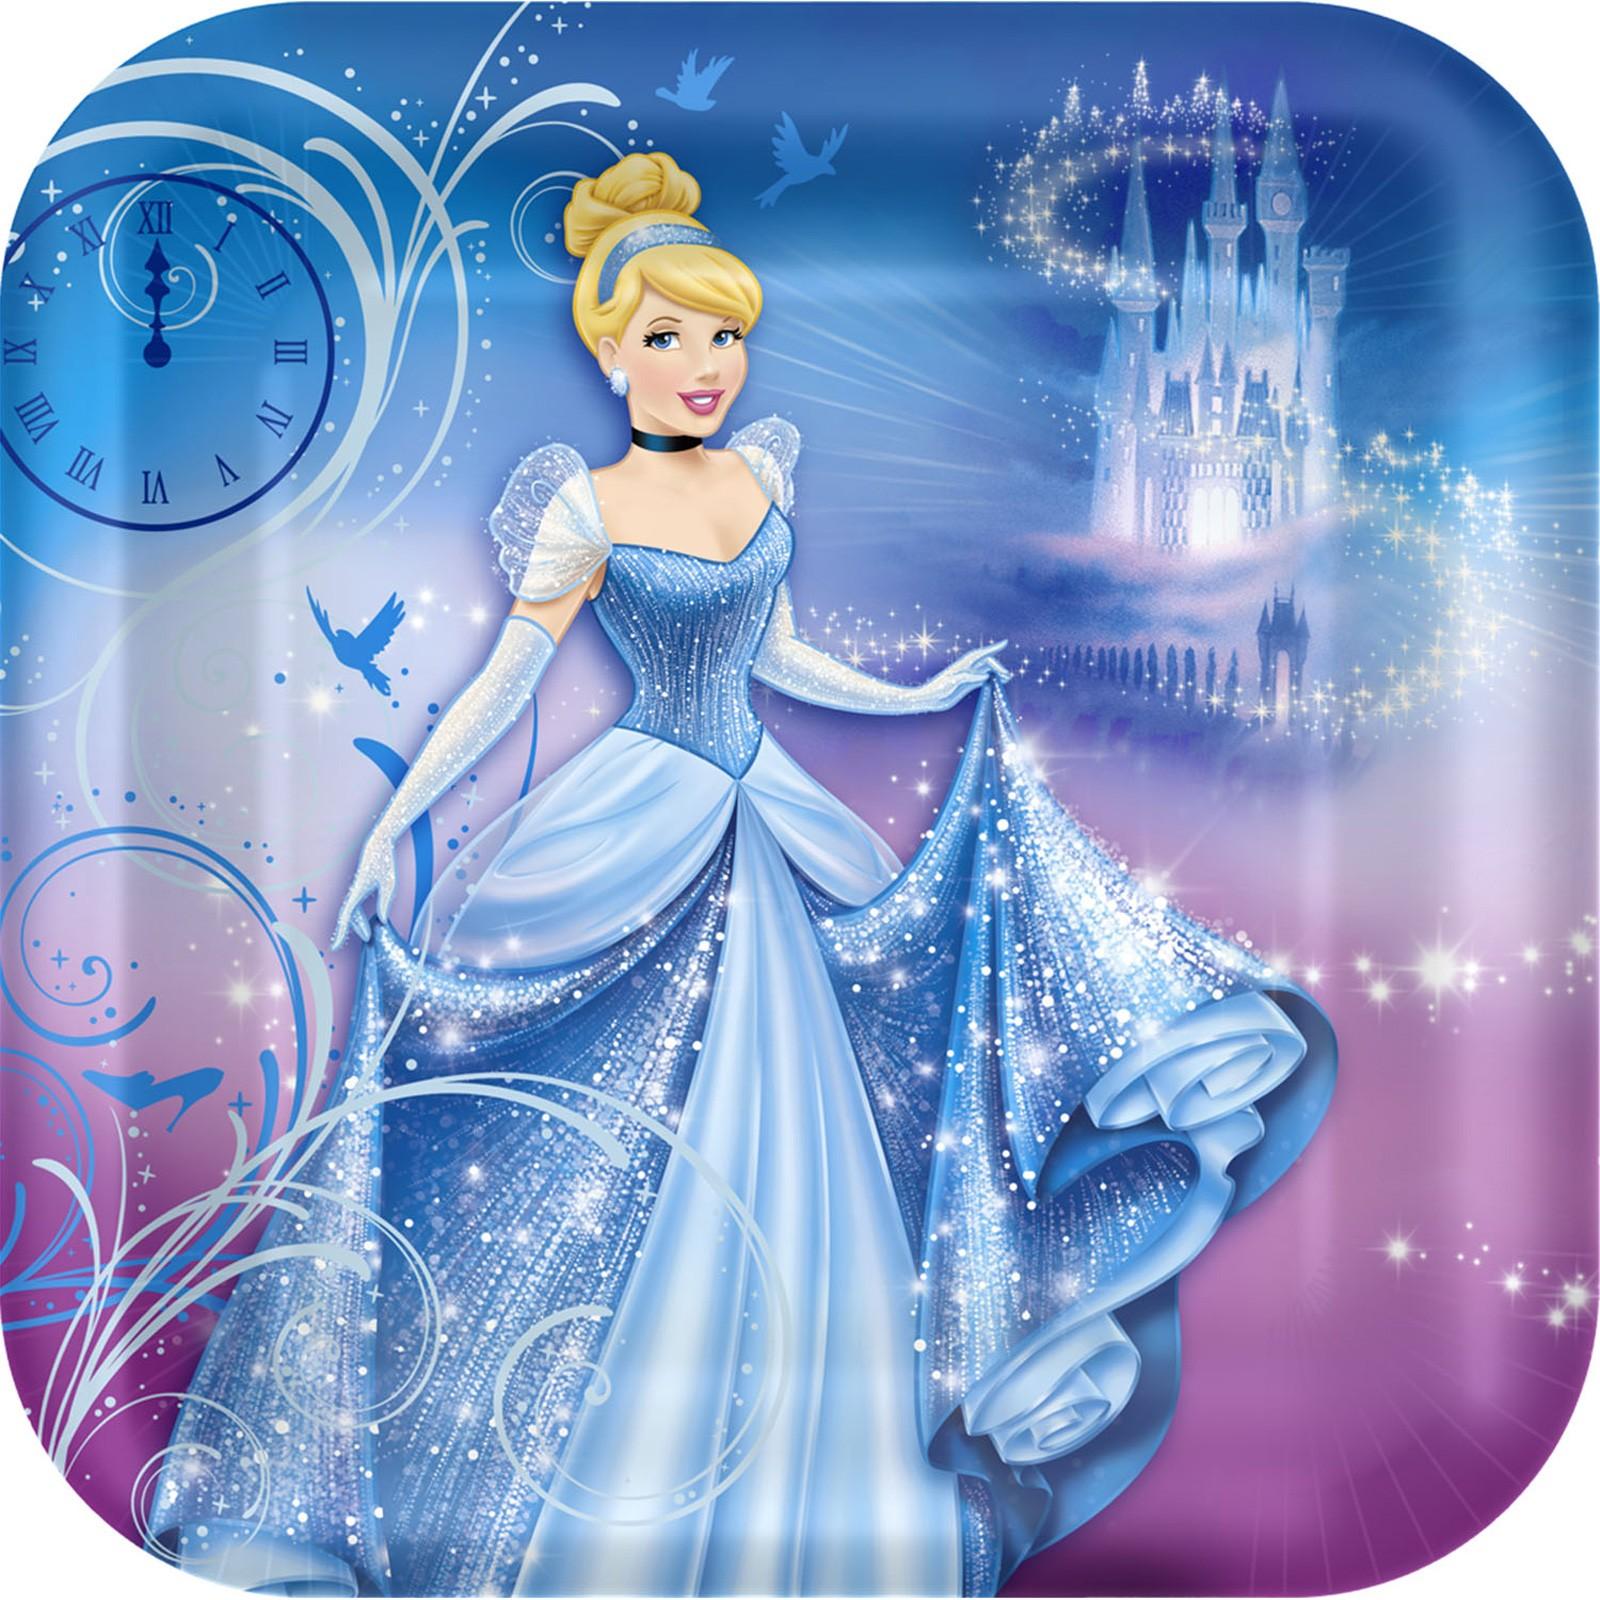 Cinderella Party Supplies | BirthdayExpress com